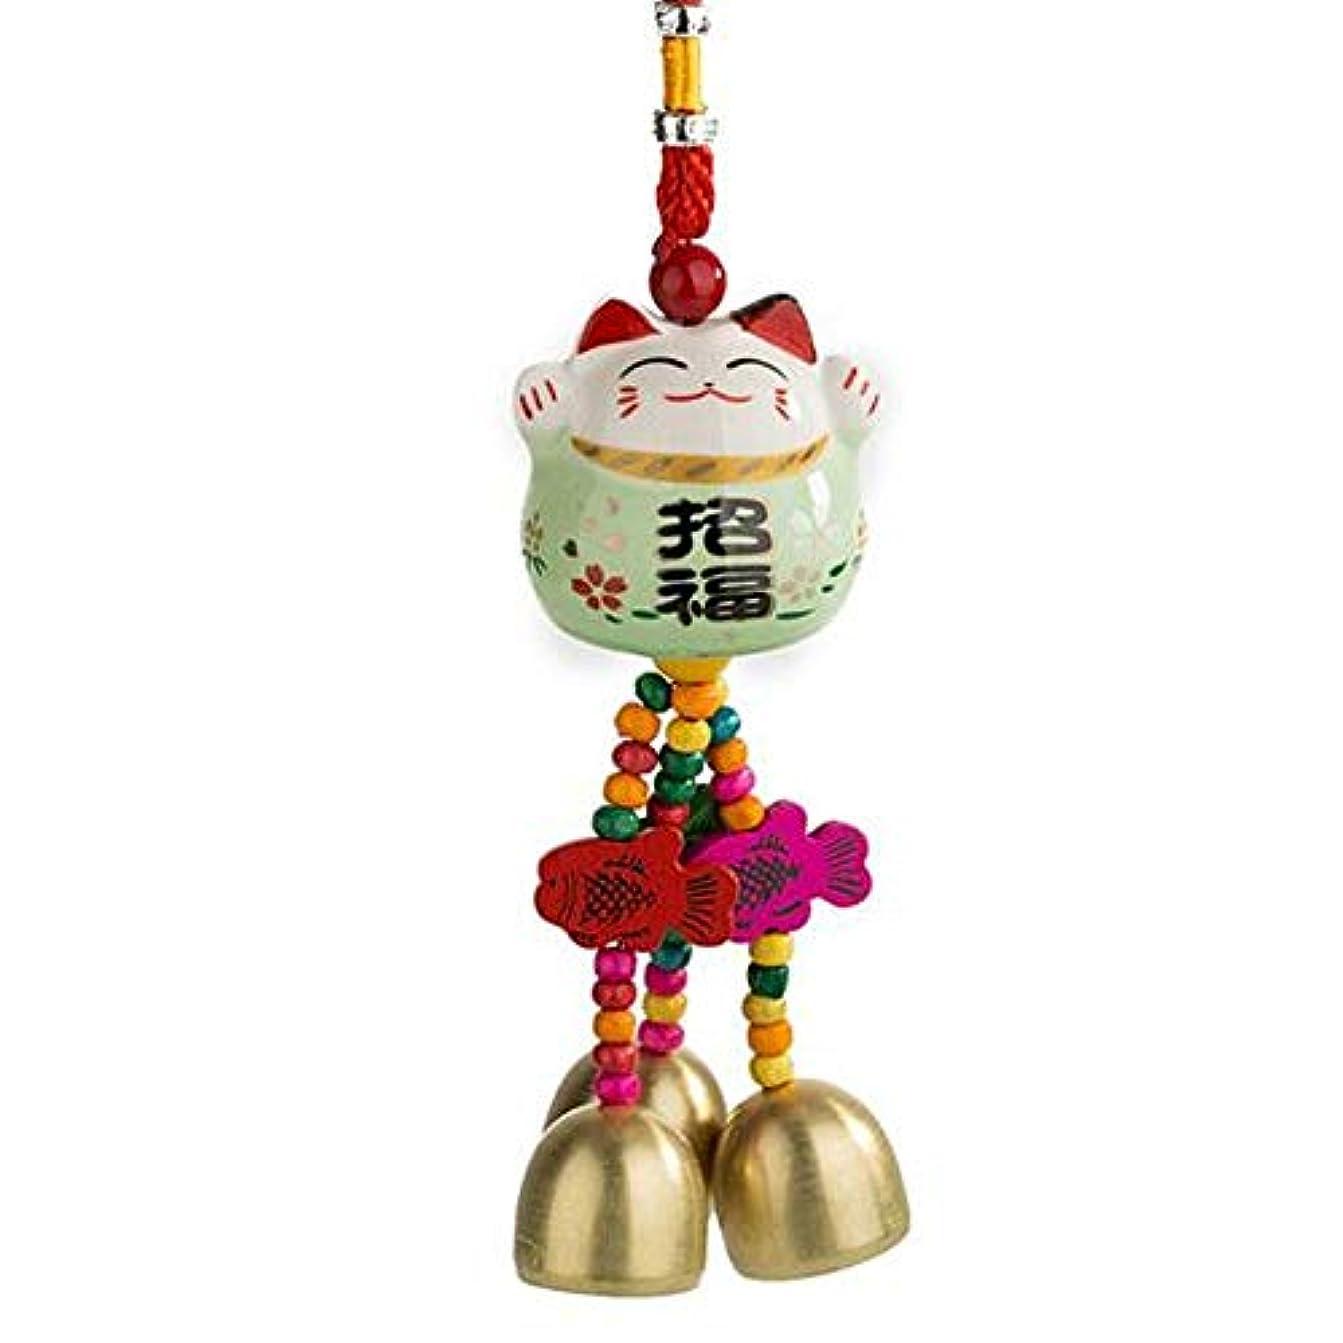 海洋のアクセル見捨てられたHongyuantongxun 風チャイム、かわいいクリエイティブセラミック猫風の鐘、オレンジ、ロング28センチメートル,、装飾品ペンダント (Color : Green)